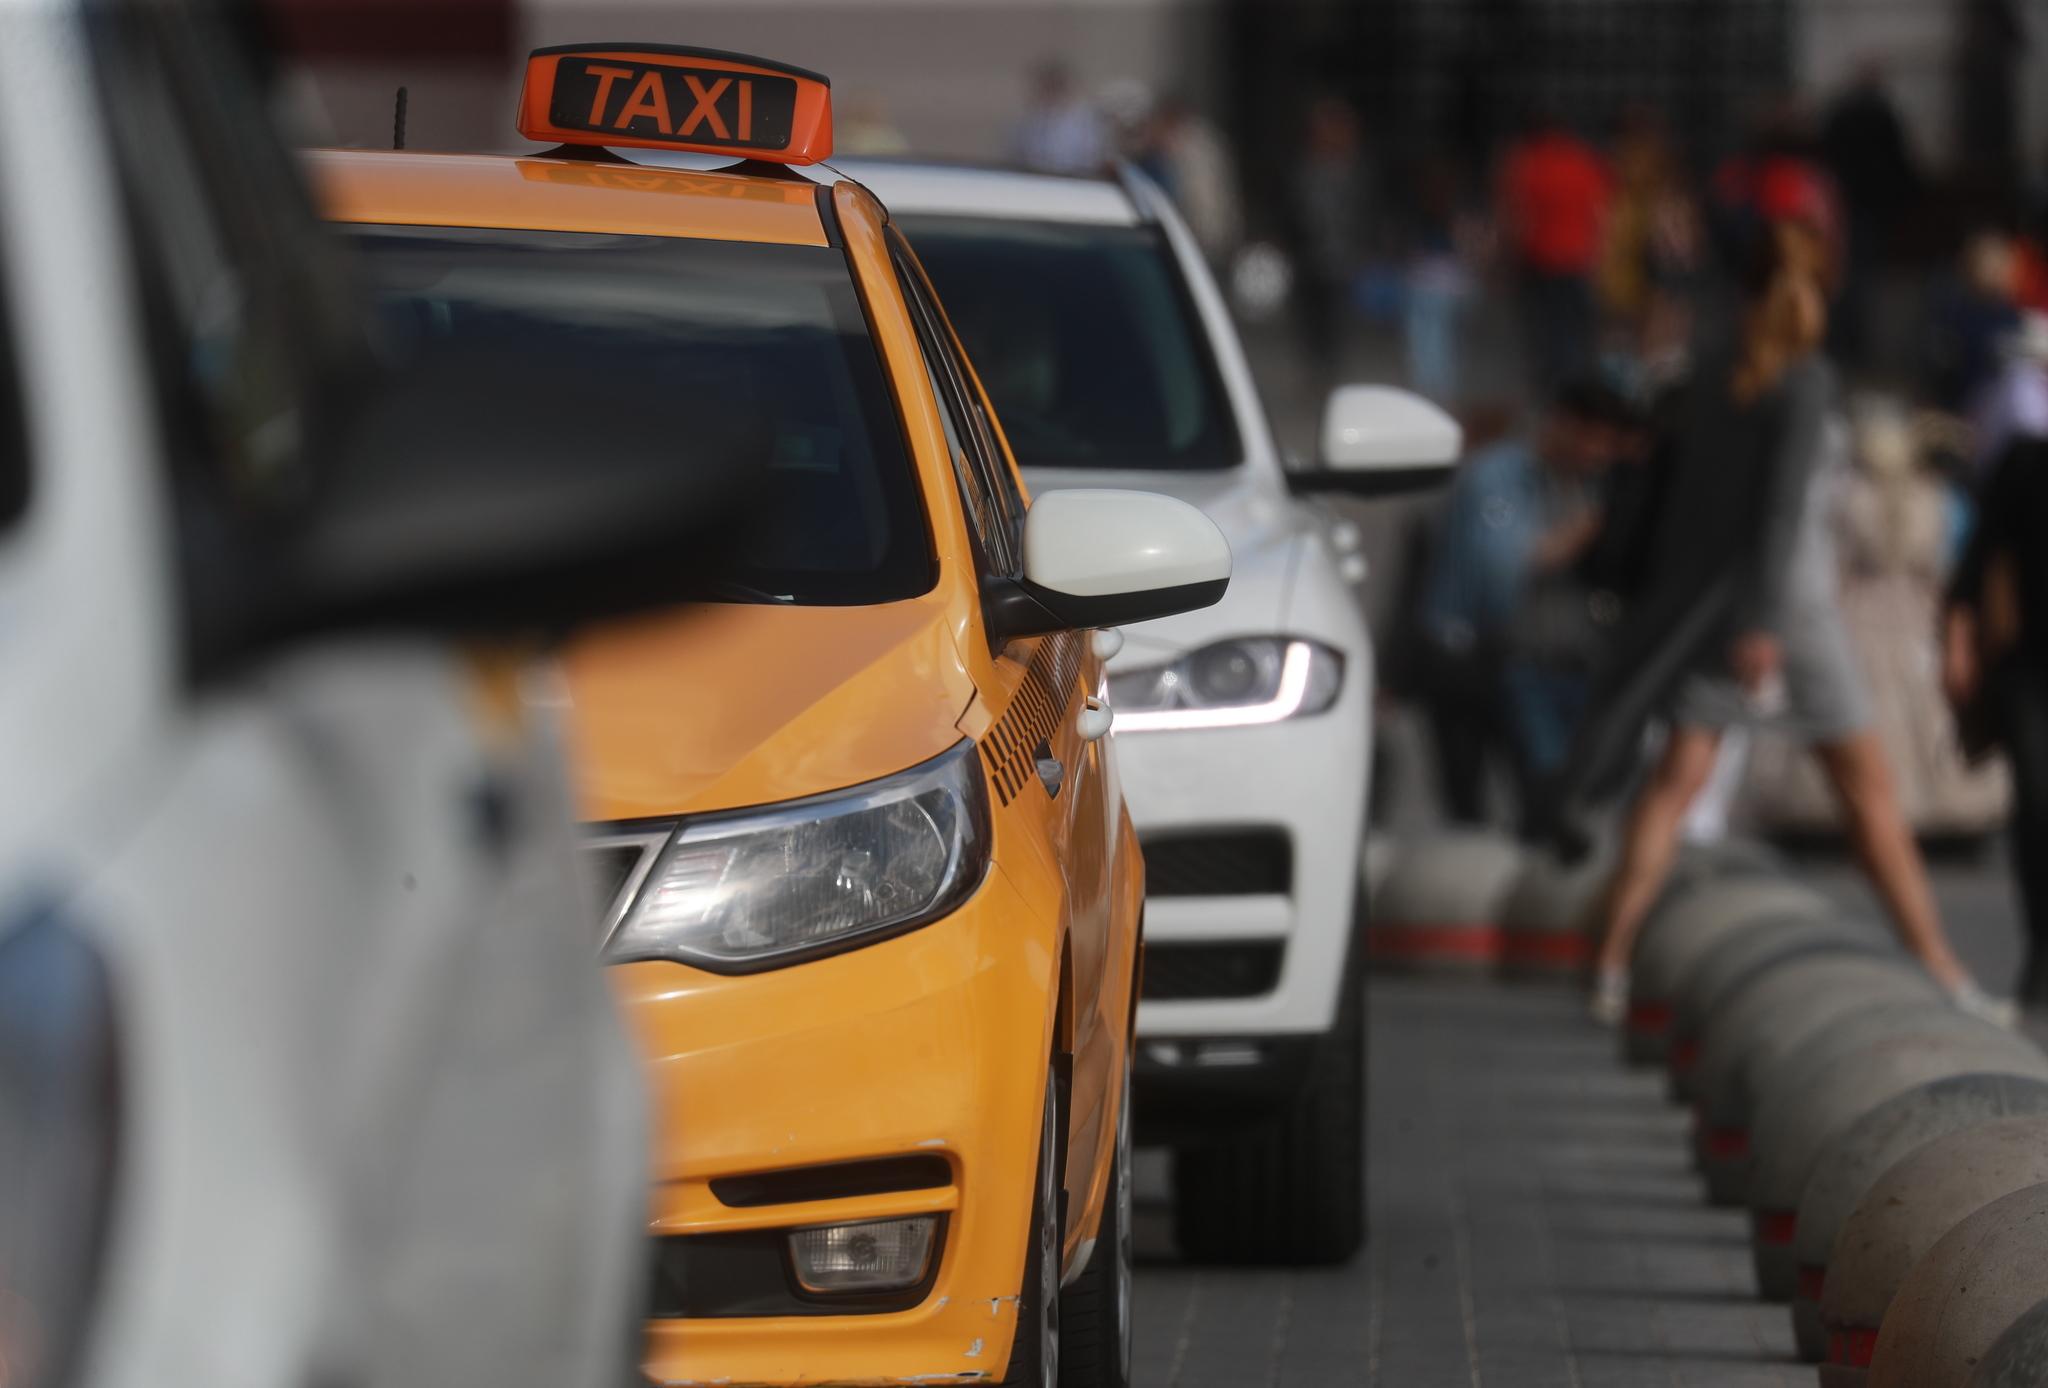 Как выбрать Эконом класс такси